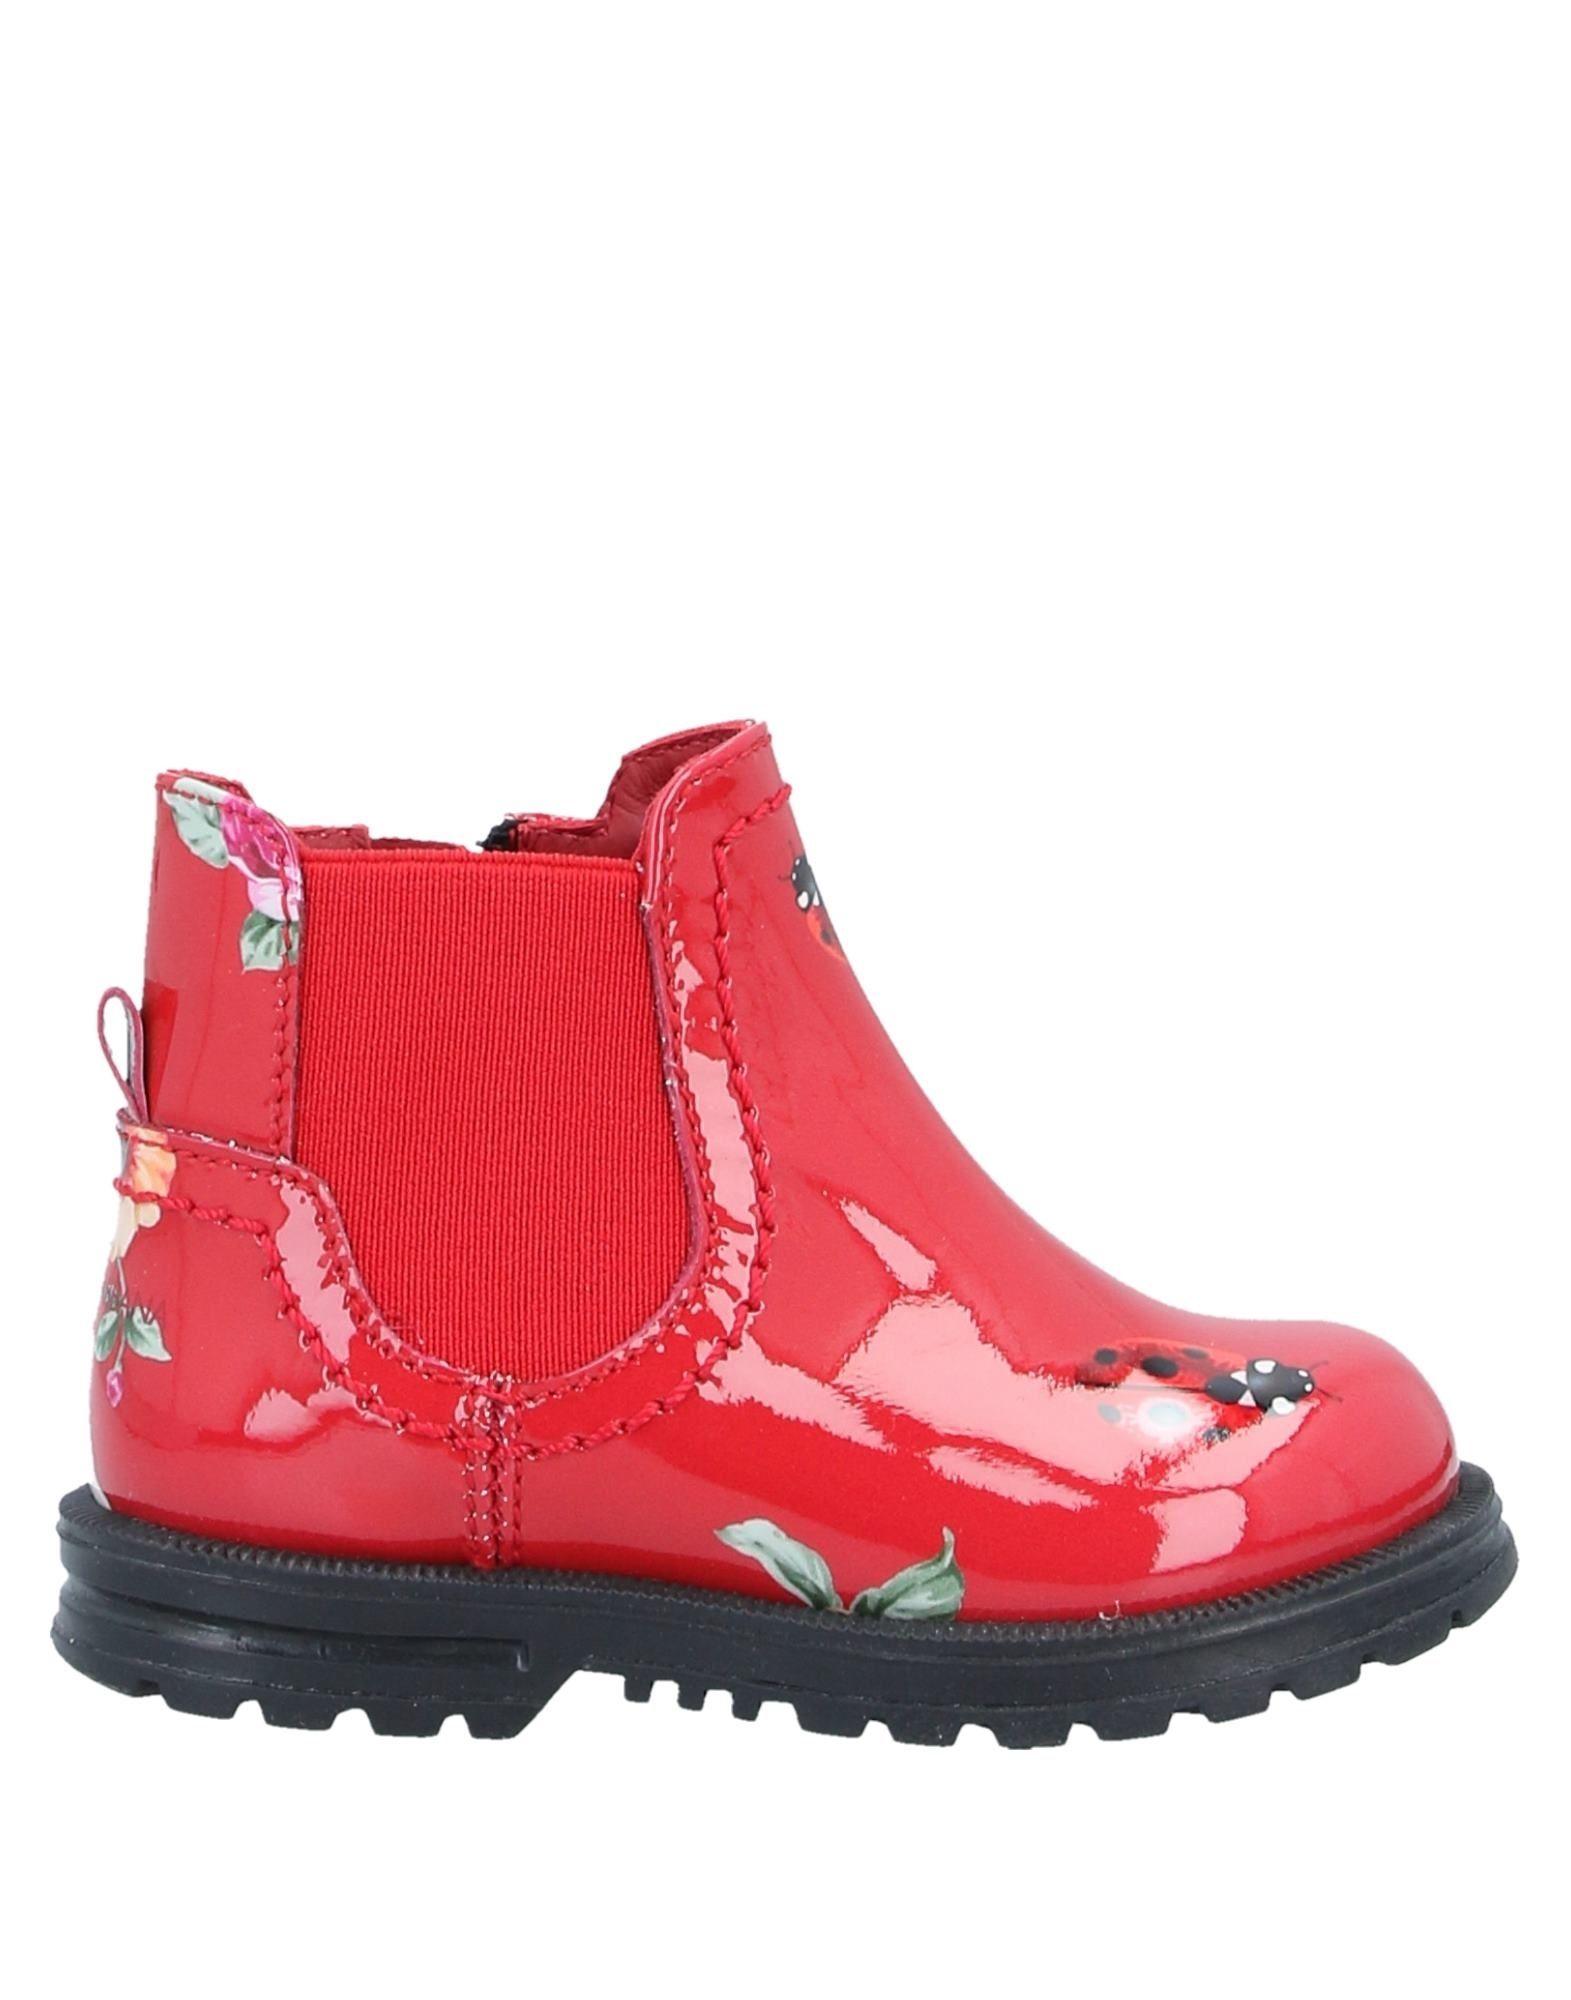 DOLCE & GABBANA   DOLCE & GABBANA Ankle Boots 11718631   Goxip